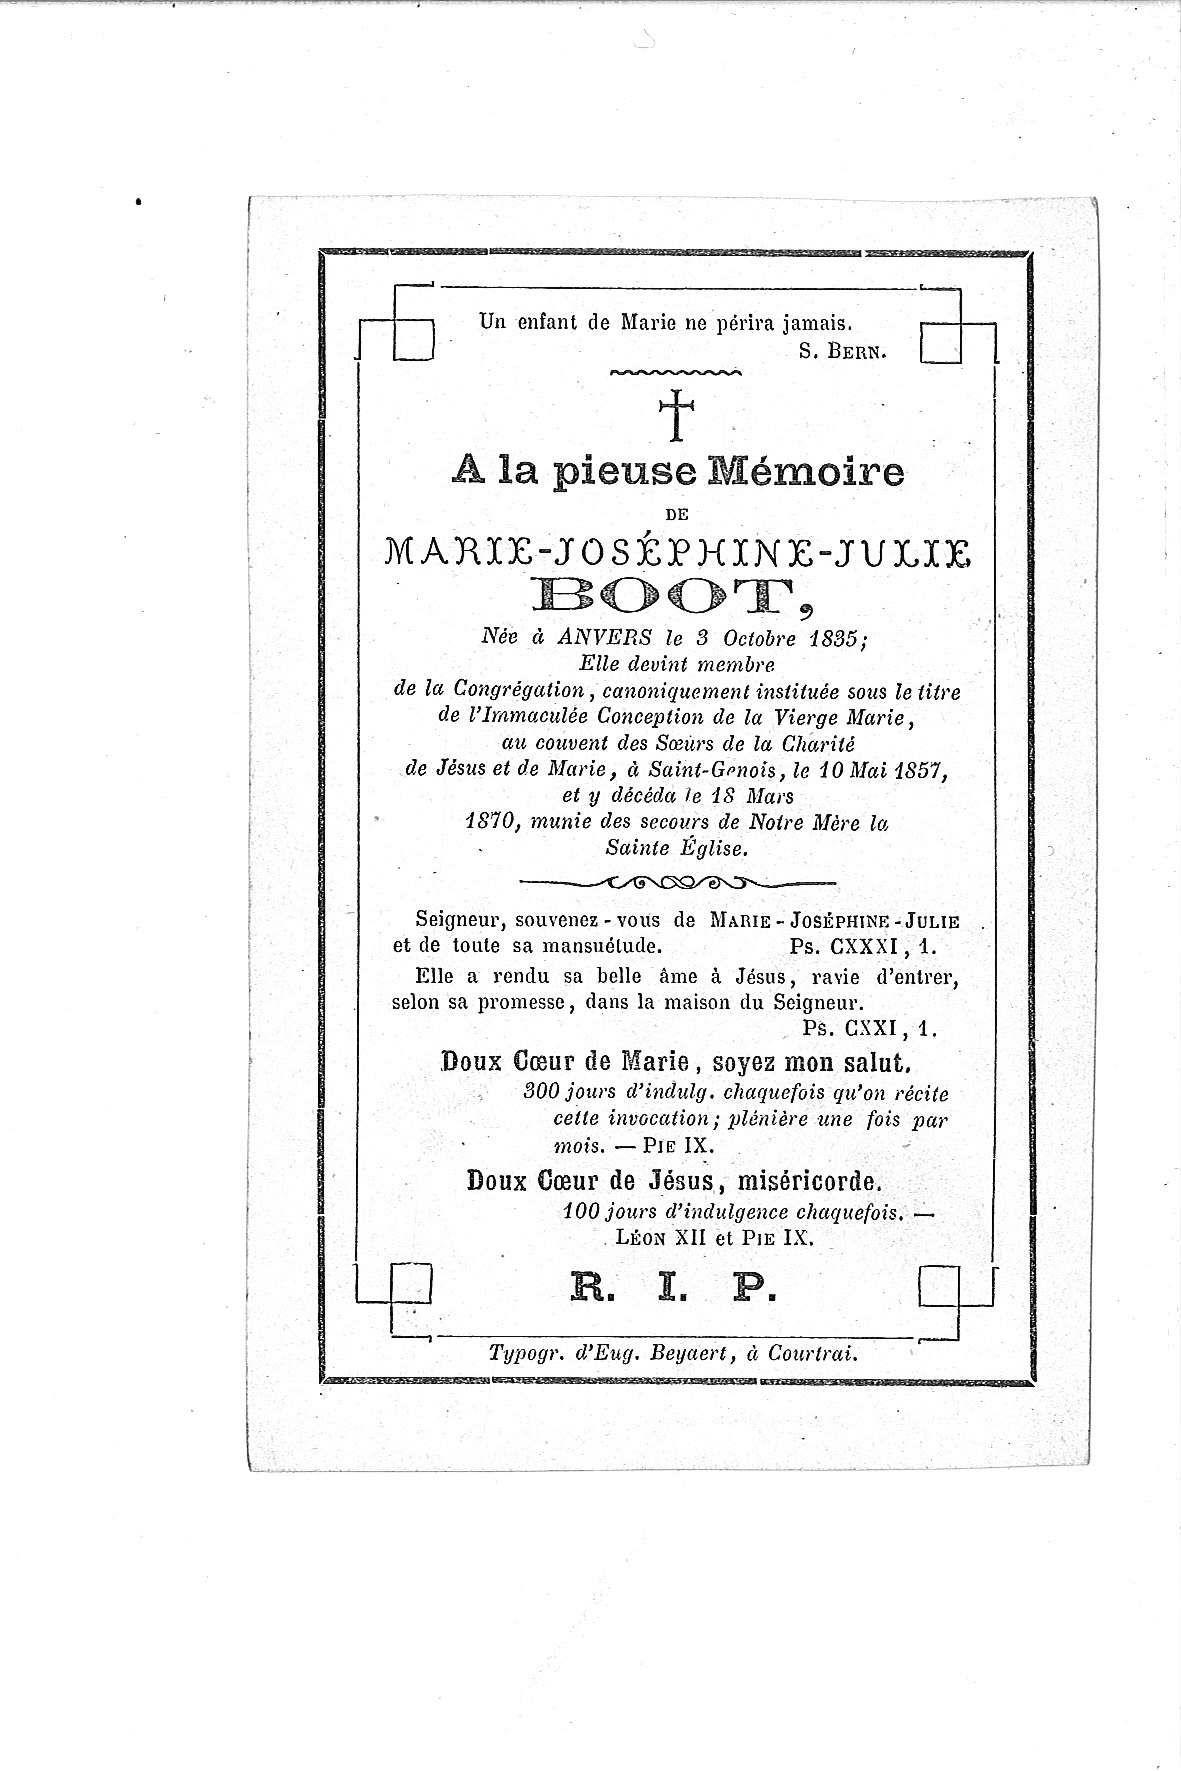 marie-joséphine-julie(1870)20100304084303_00034.jpg